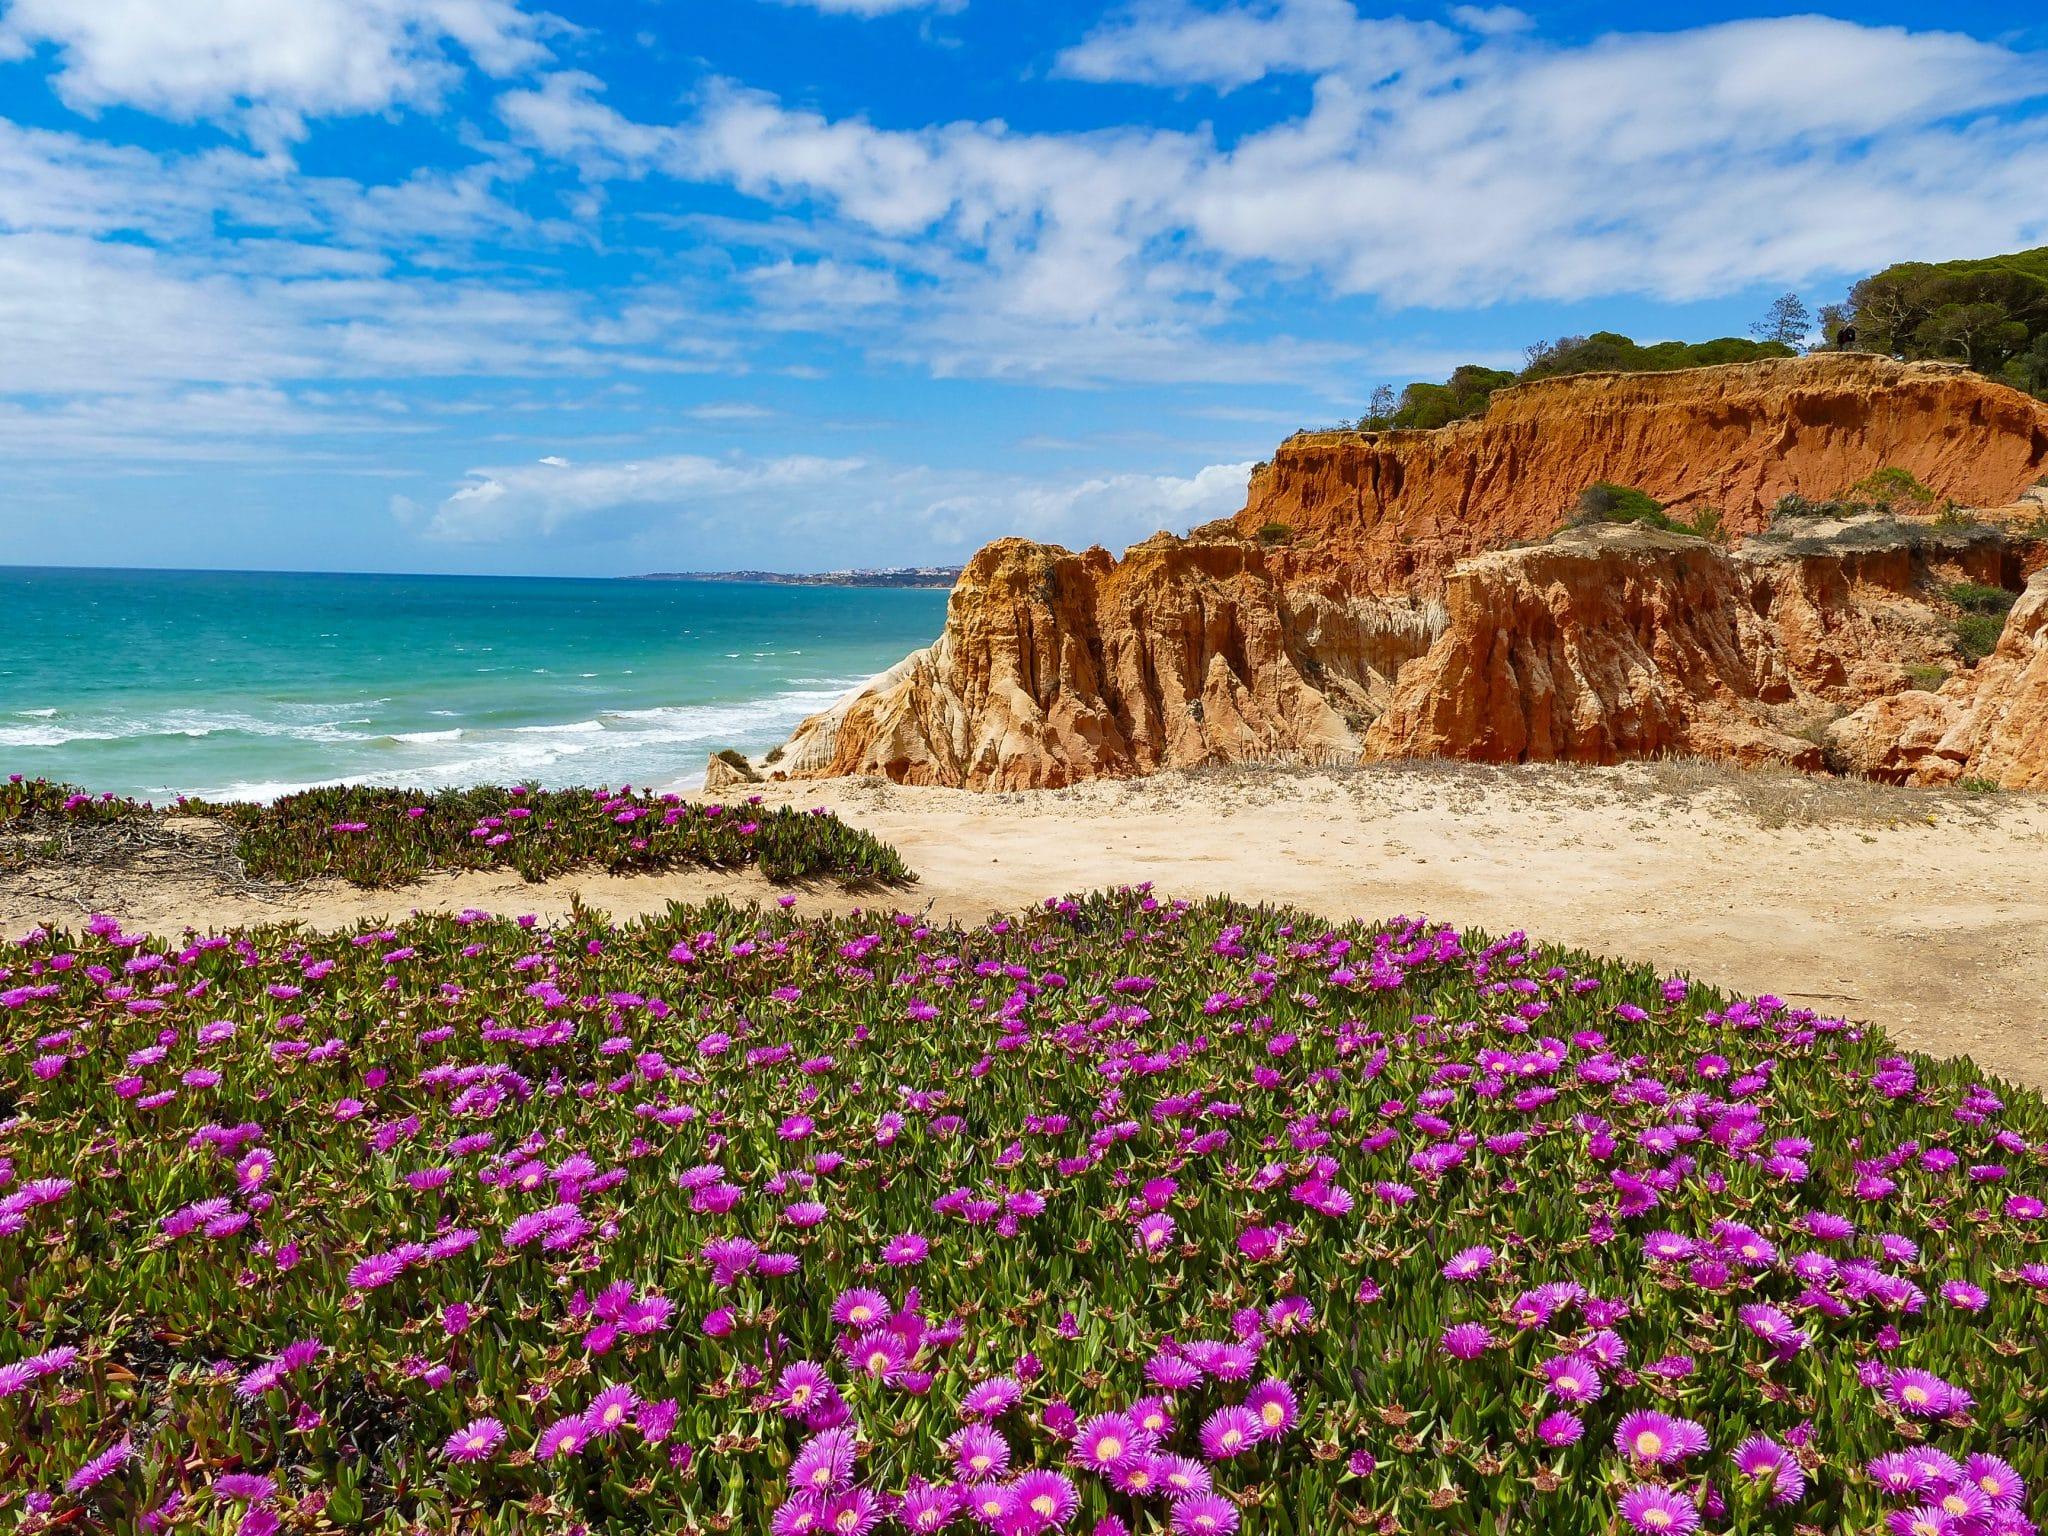 Praia da Falésia algarve portugal albufeira